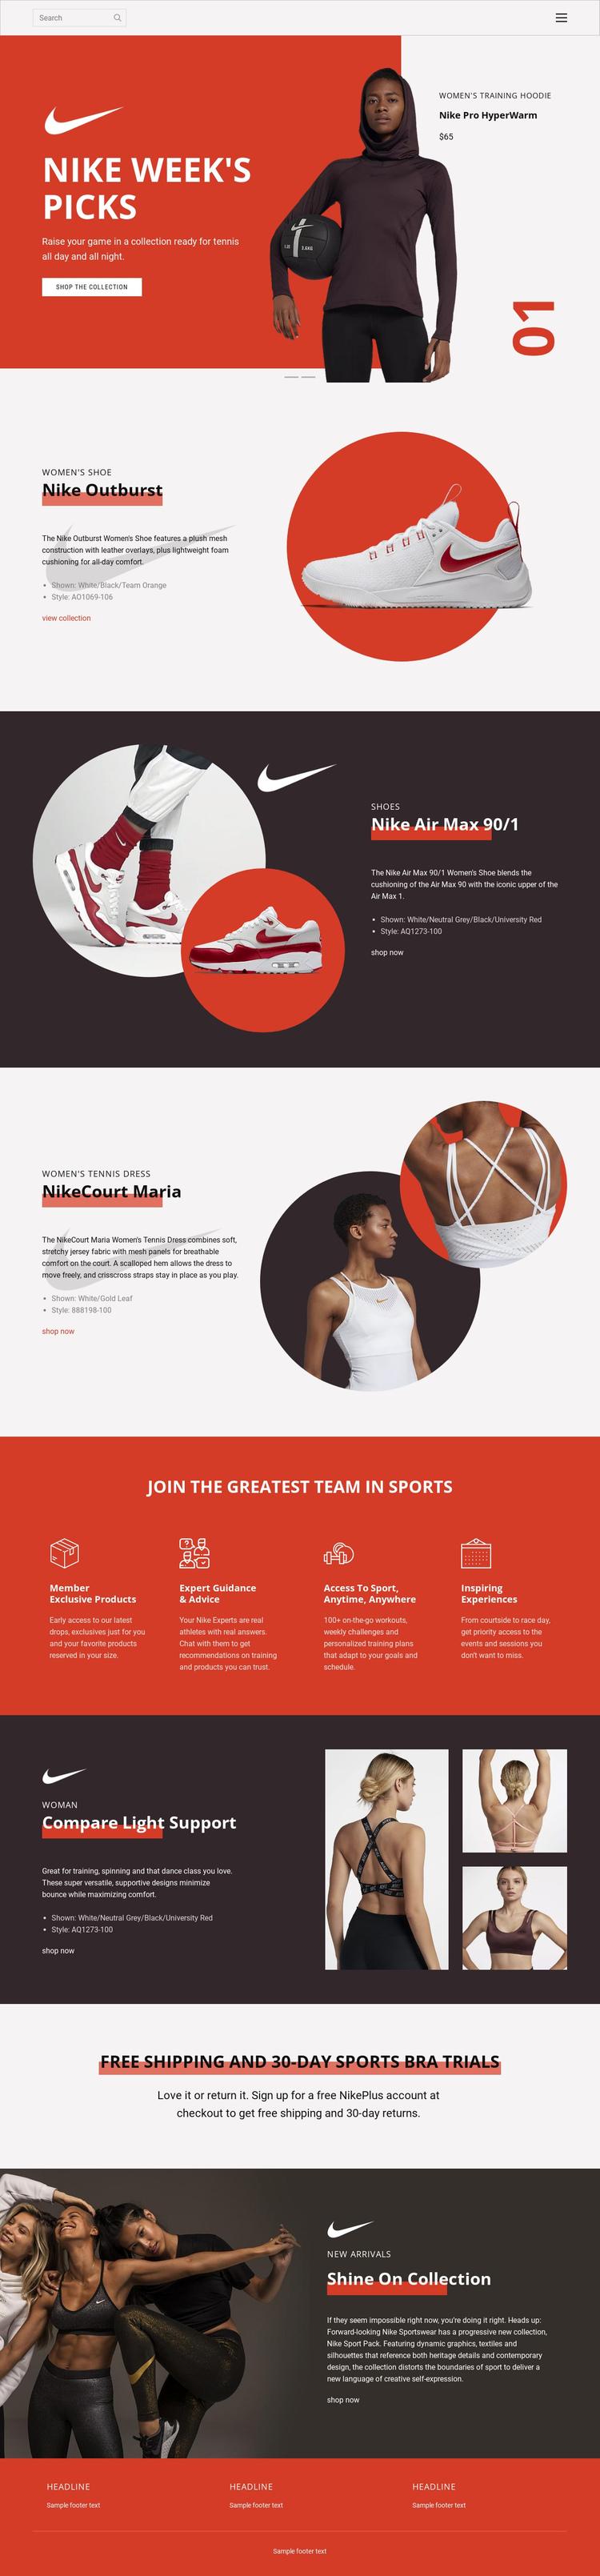 Nike Favorites Website Builder Software